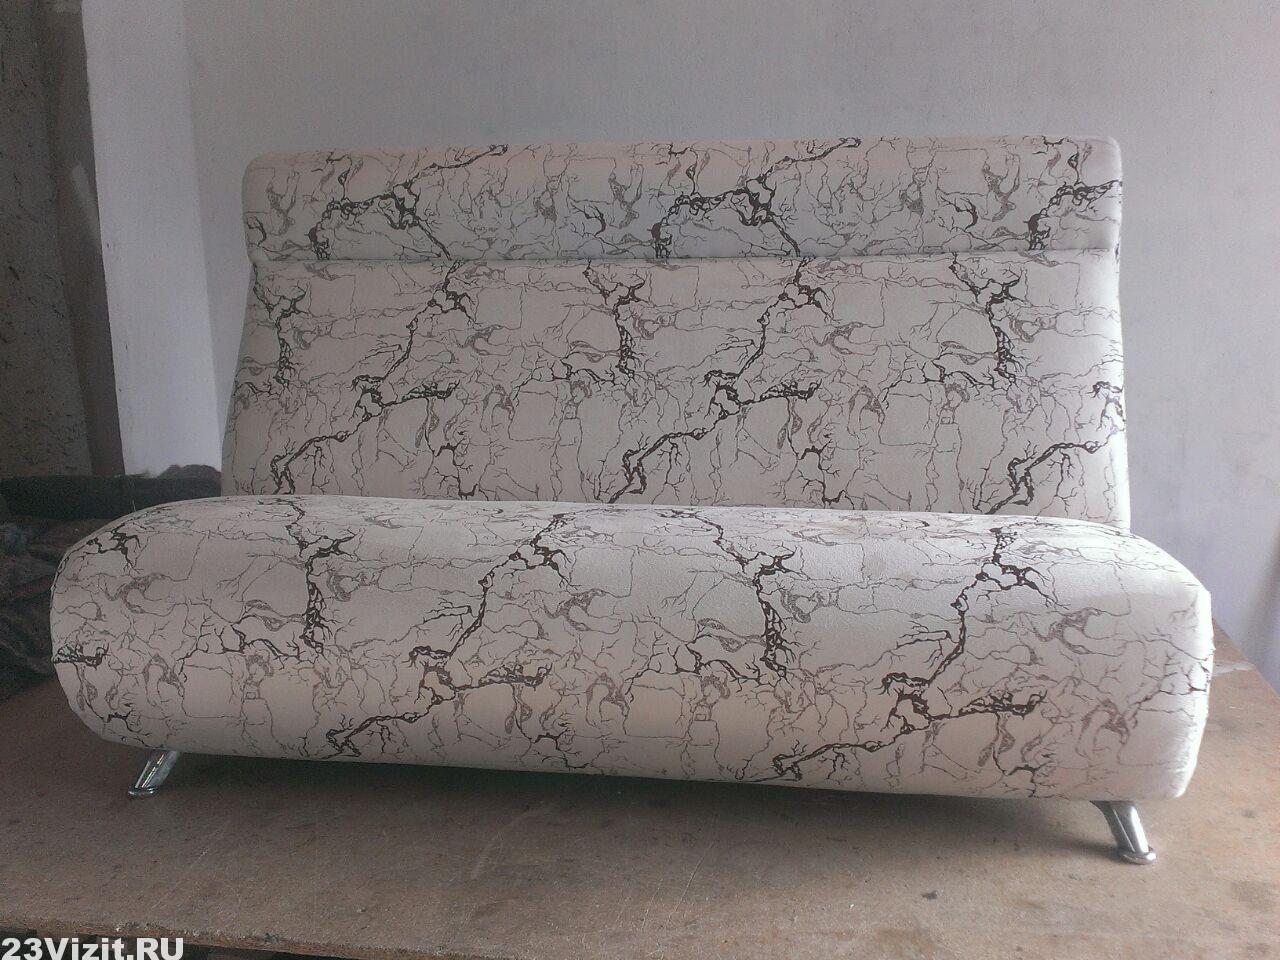 Ремонт мини дивана в Туапсе